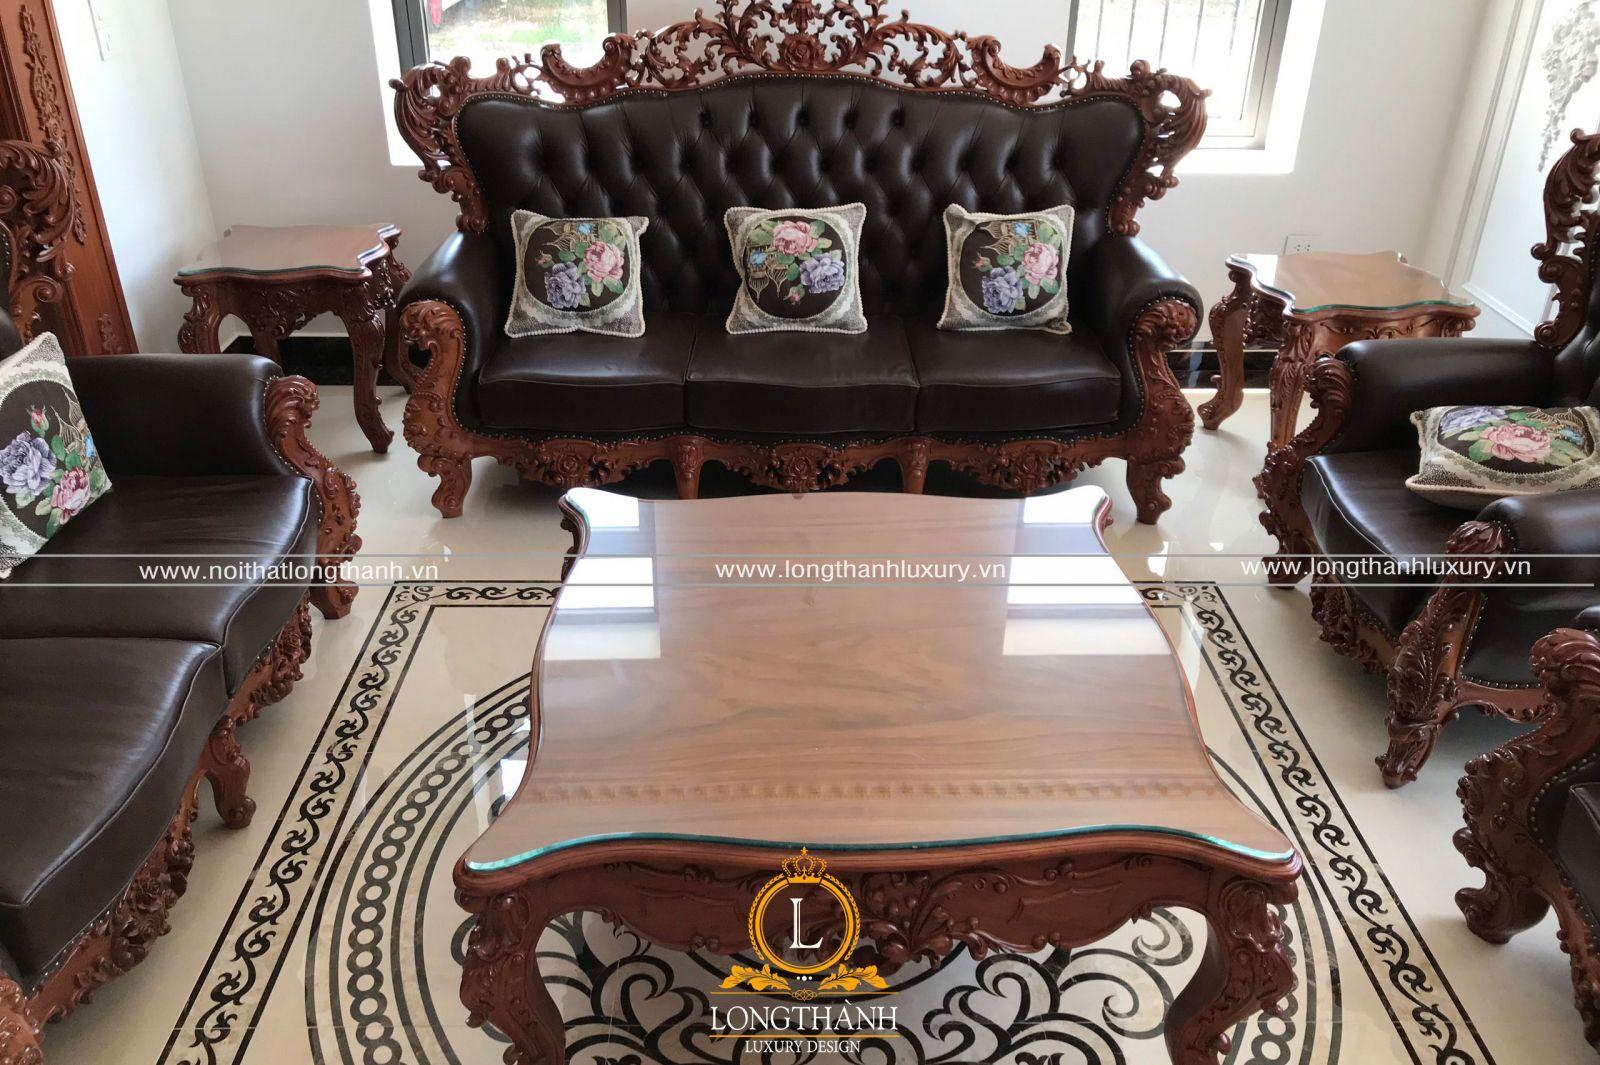 Sản phẩm trung bày tại đại lý sofa tân cổ điển của Long Thành ở cơ sở 1